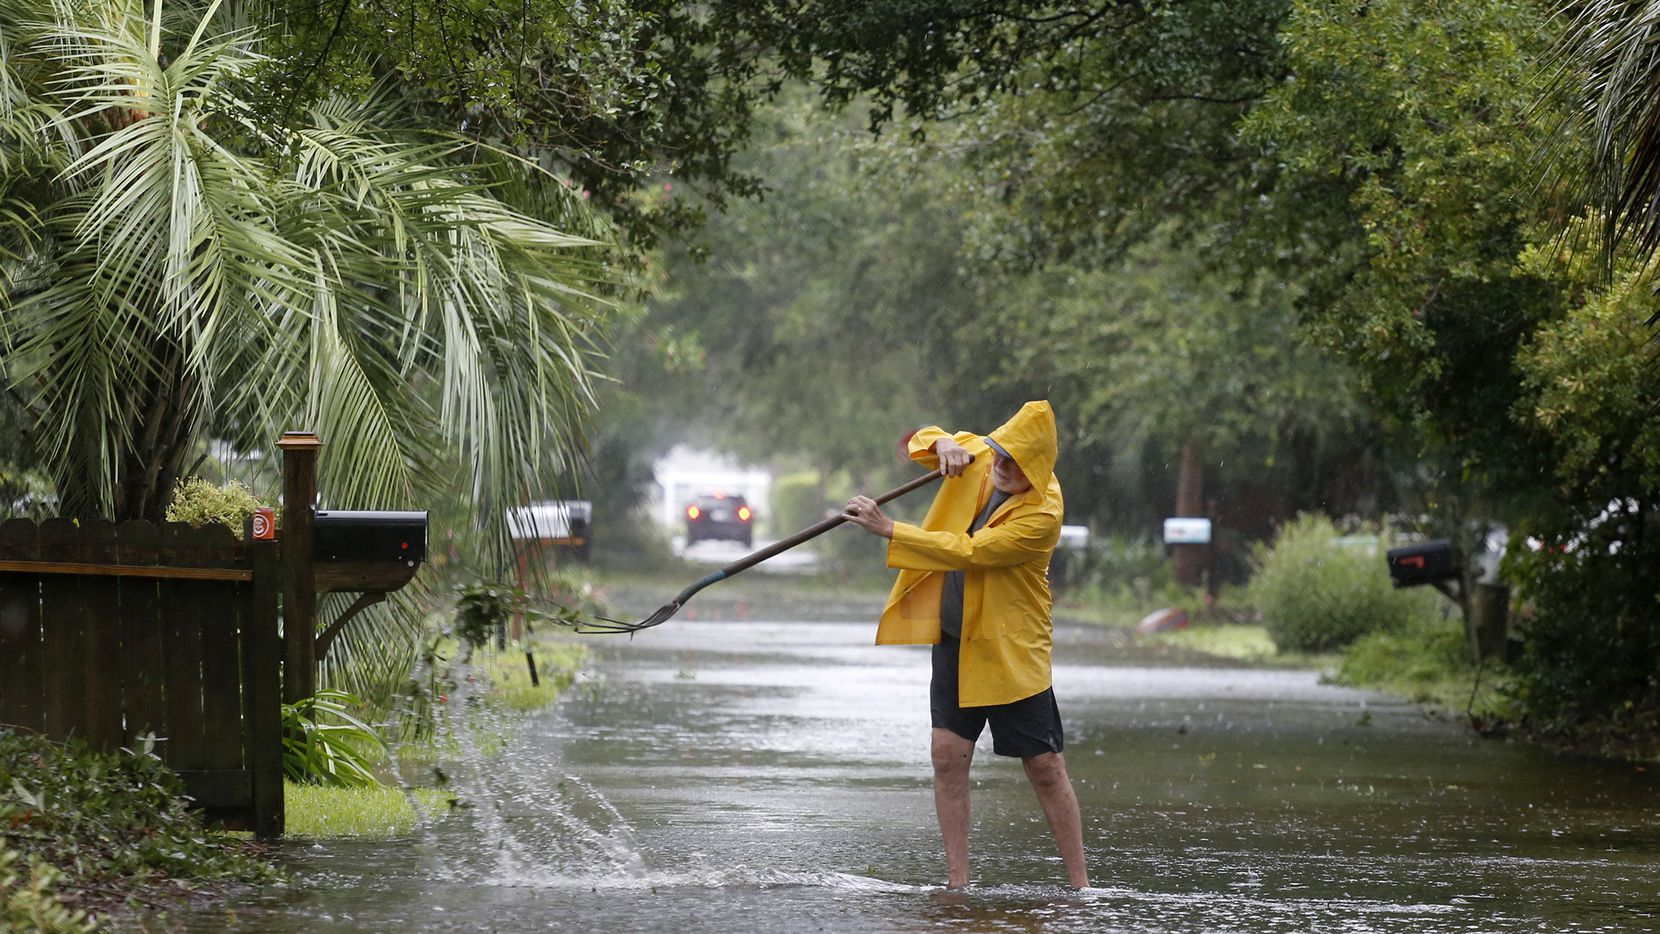 Una persona trata de limpiar la calle saturada de ramas de palmas que fueron derribadas por los vientos en la sección de Isle of Palms en Charleston, Carolina, del Sur.